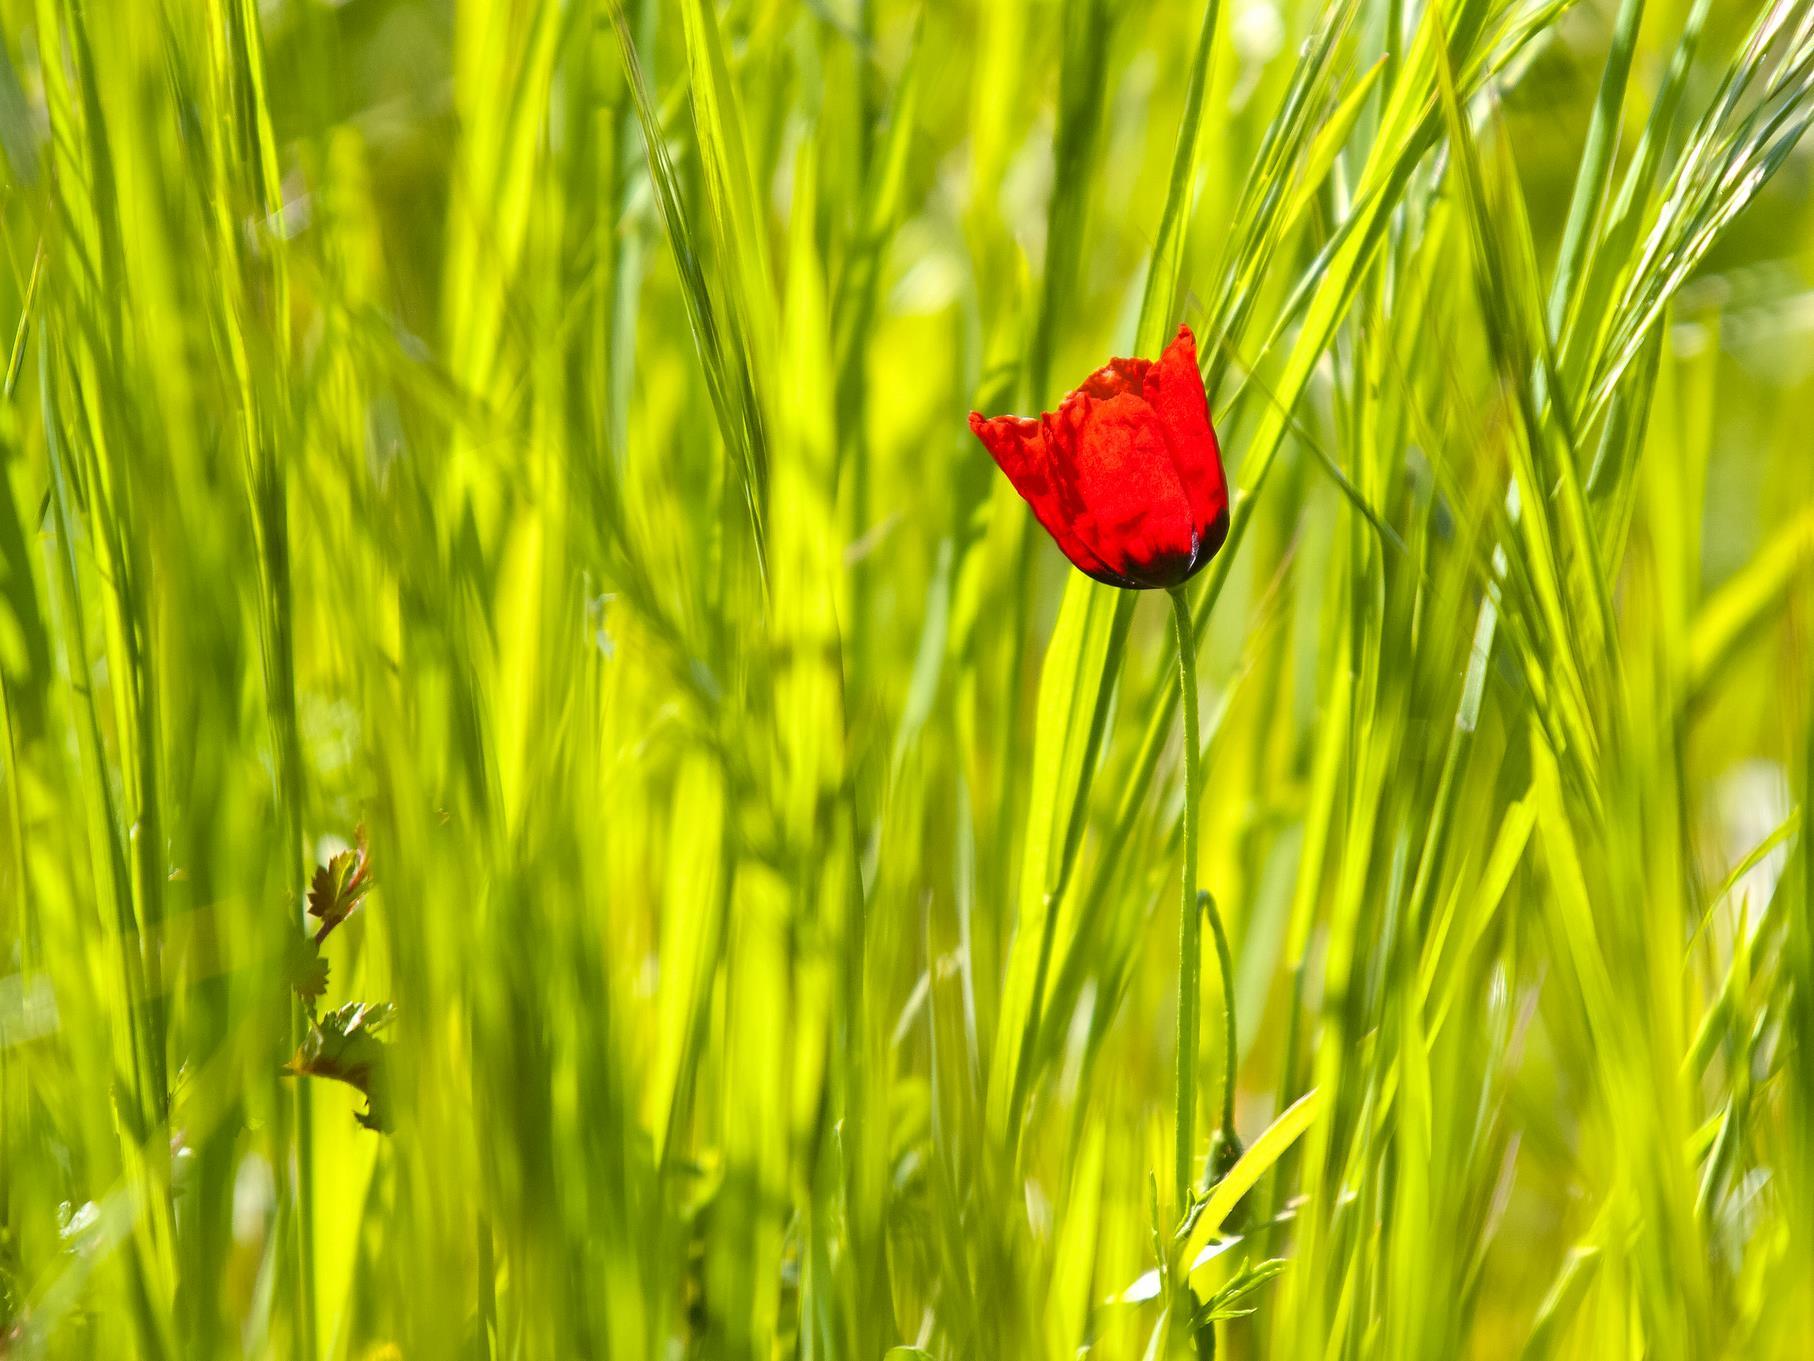 Eine Mohnblüte zwischen Gräsern auf einem Feld.